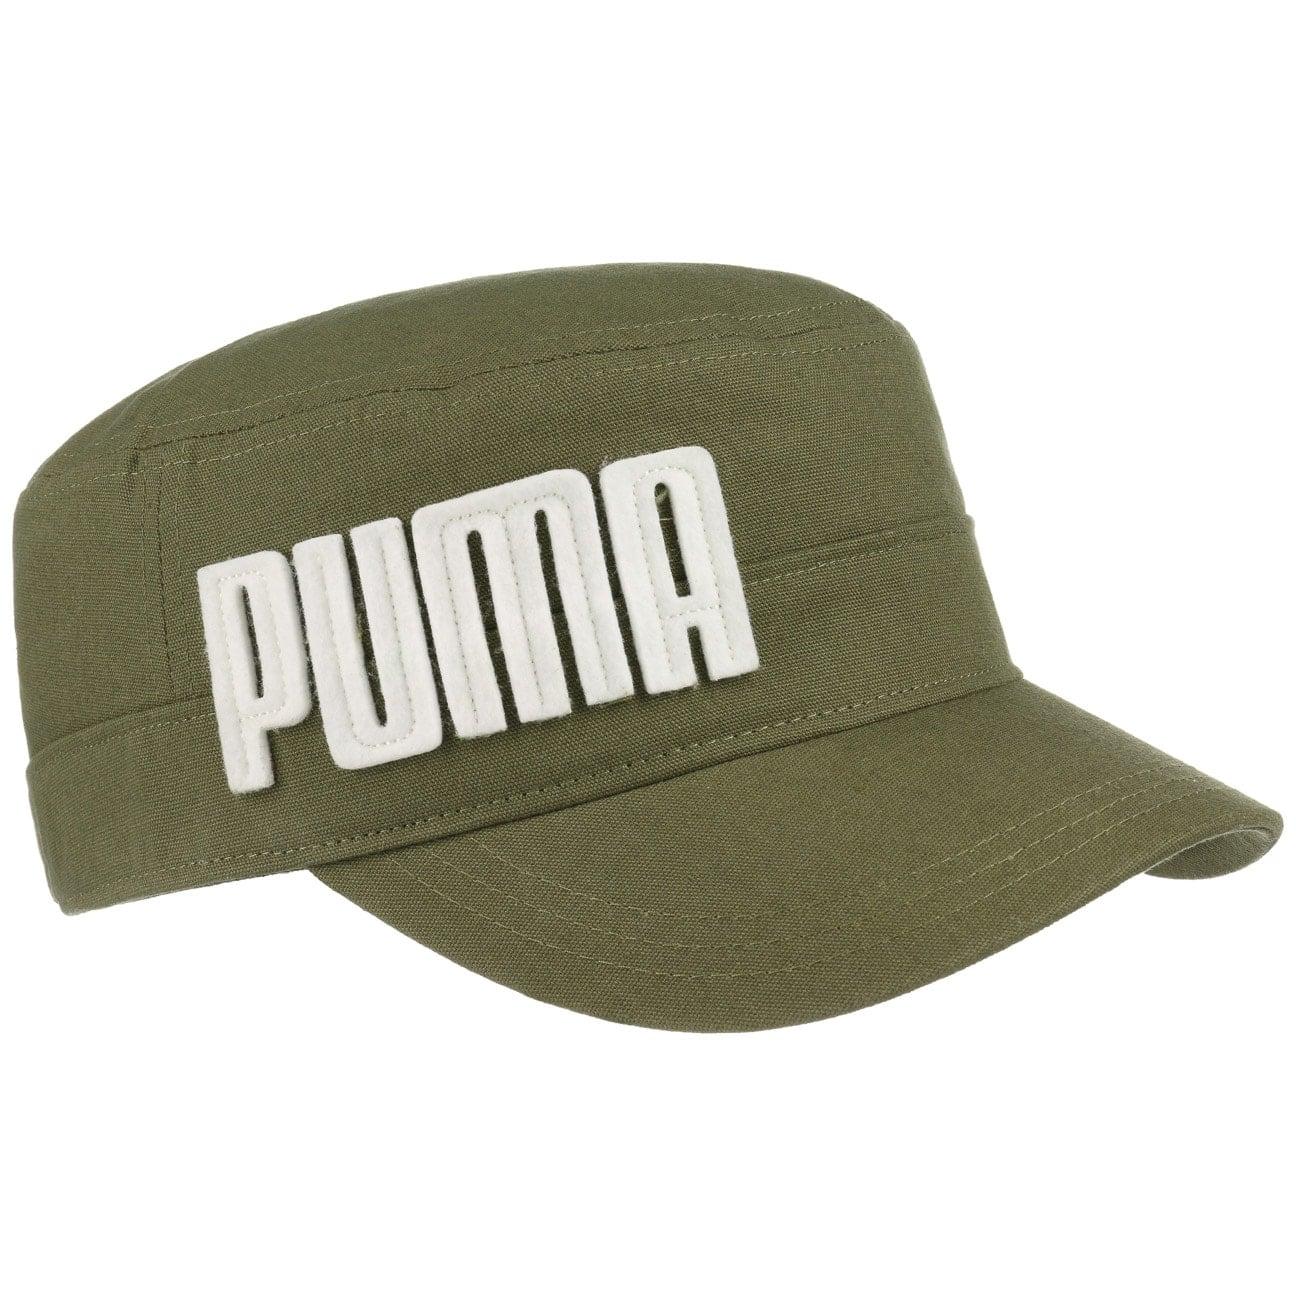 casquette puma military